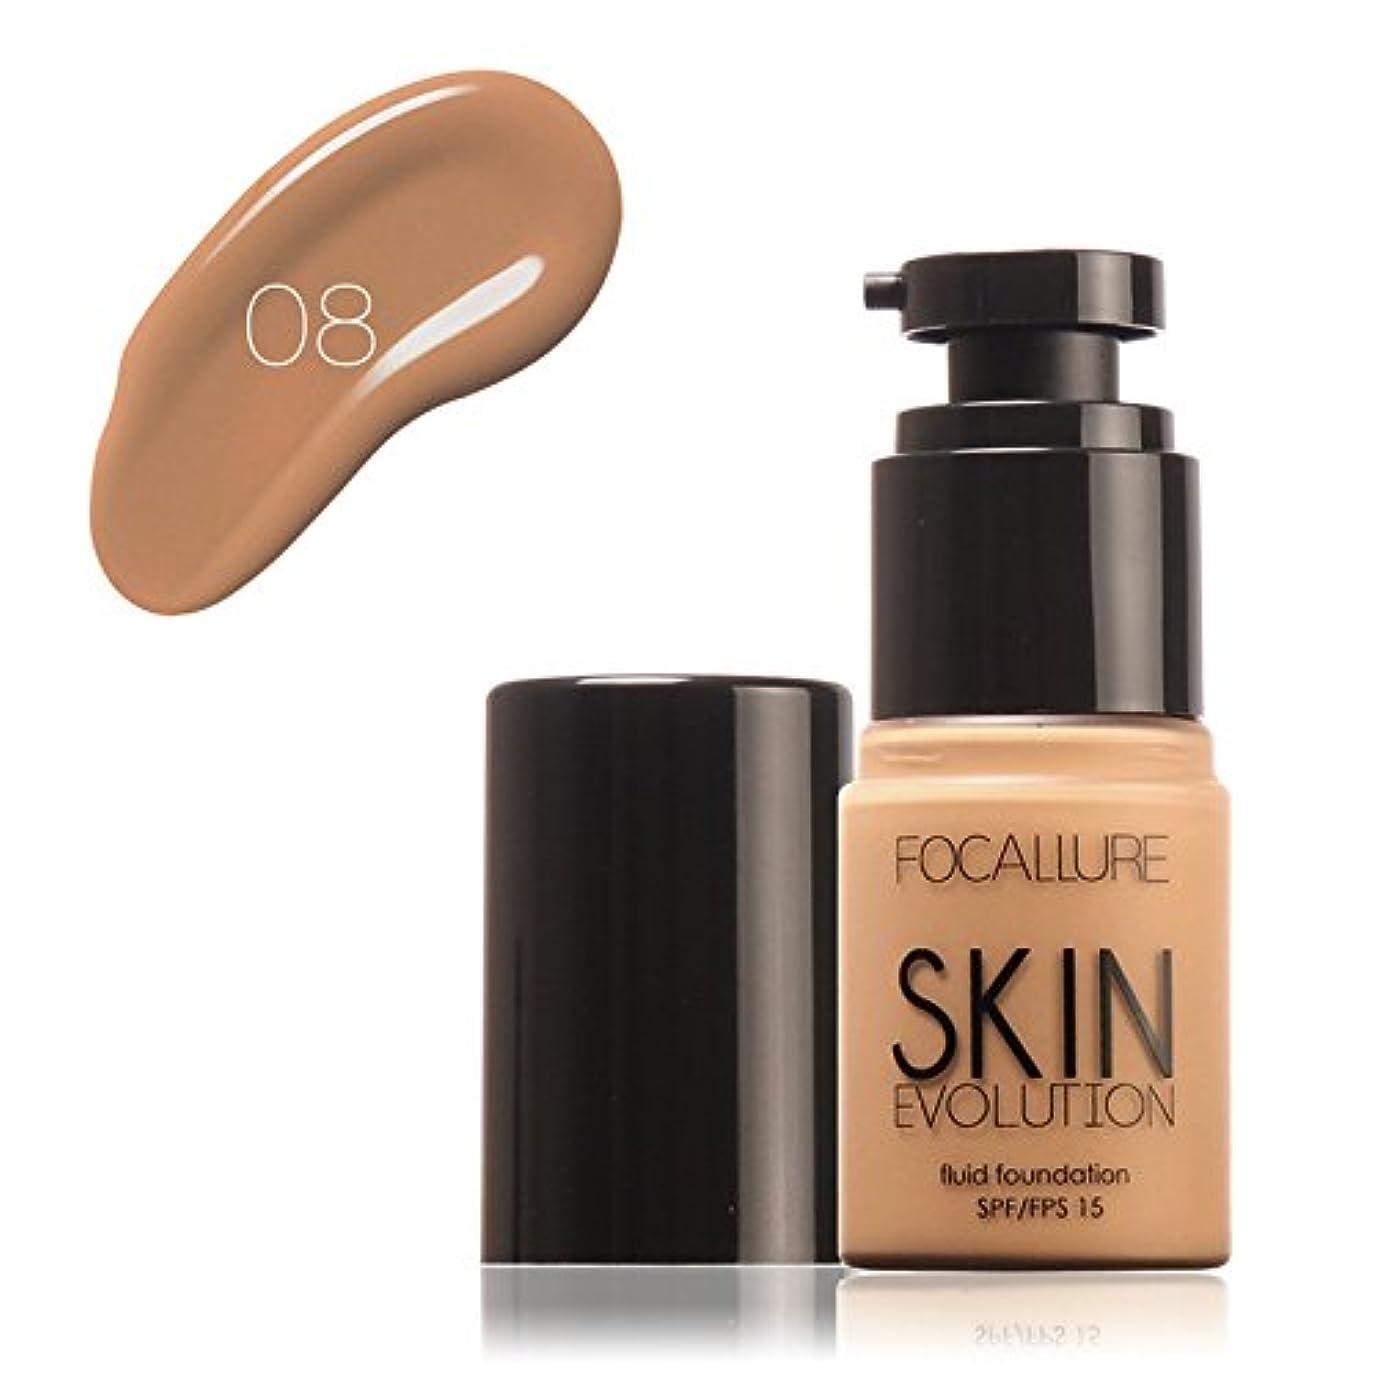 ギャップ料理原稿Symboat BBクリーム リキッド ファンデーション 美白 ブライトナー コンシーラー ロングラスティング フェイスベース プライマー メイクアップ 化粧ベース 美容 化粧品 シミ くま ニキビ隠し 日焼け止め UV対策